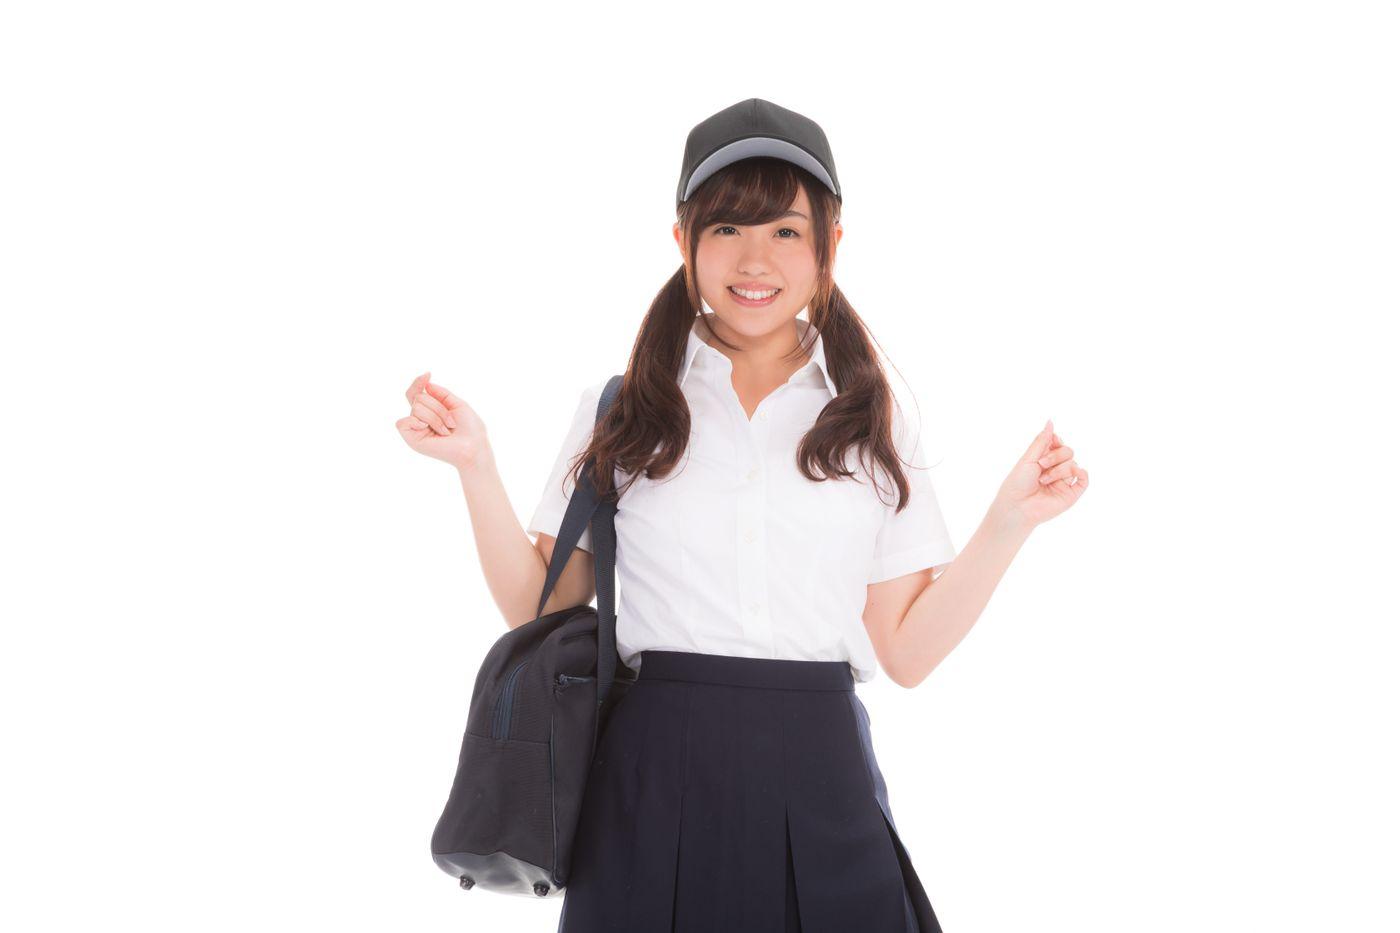 野球帽をかぶった女子高生の写真